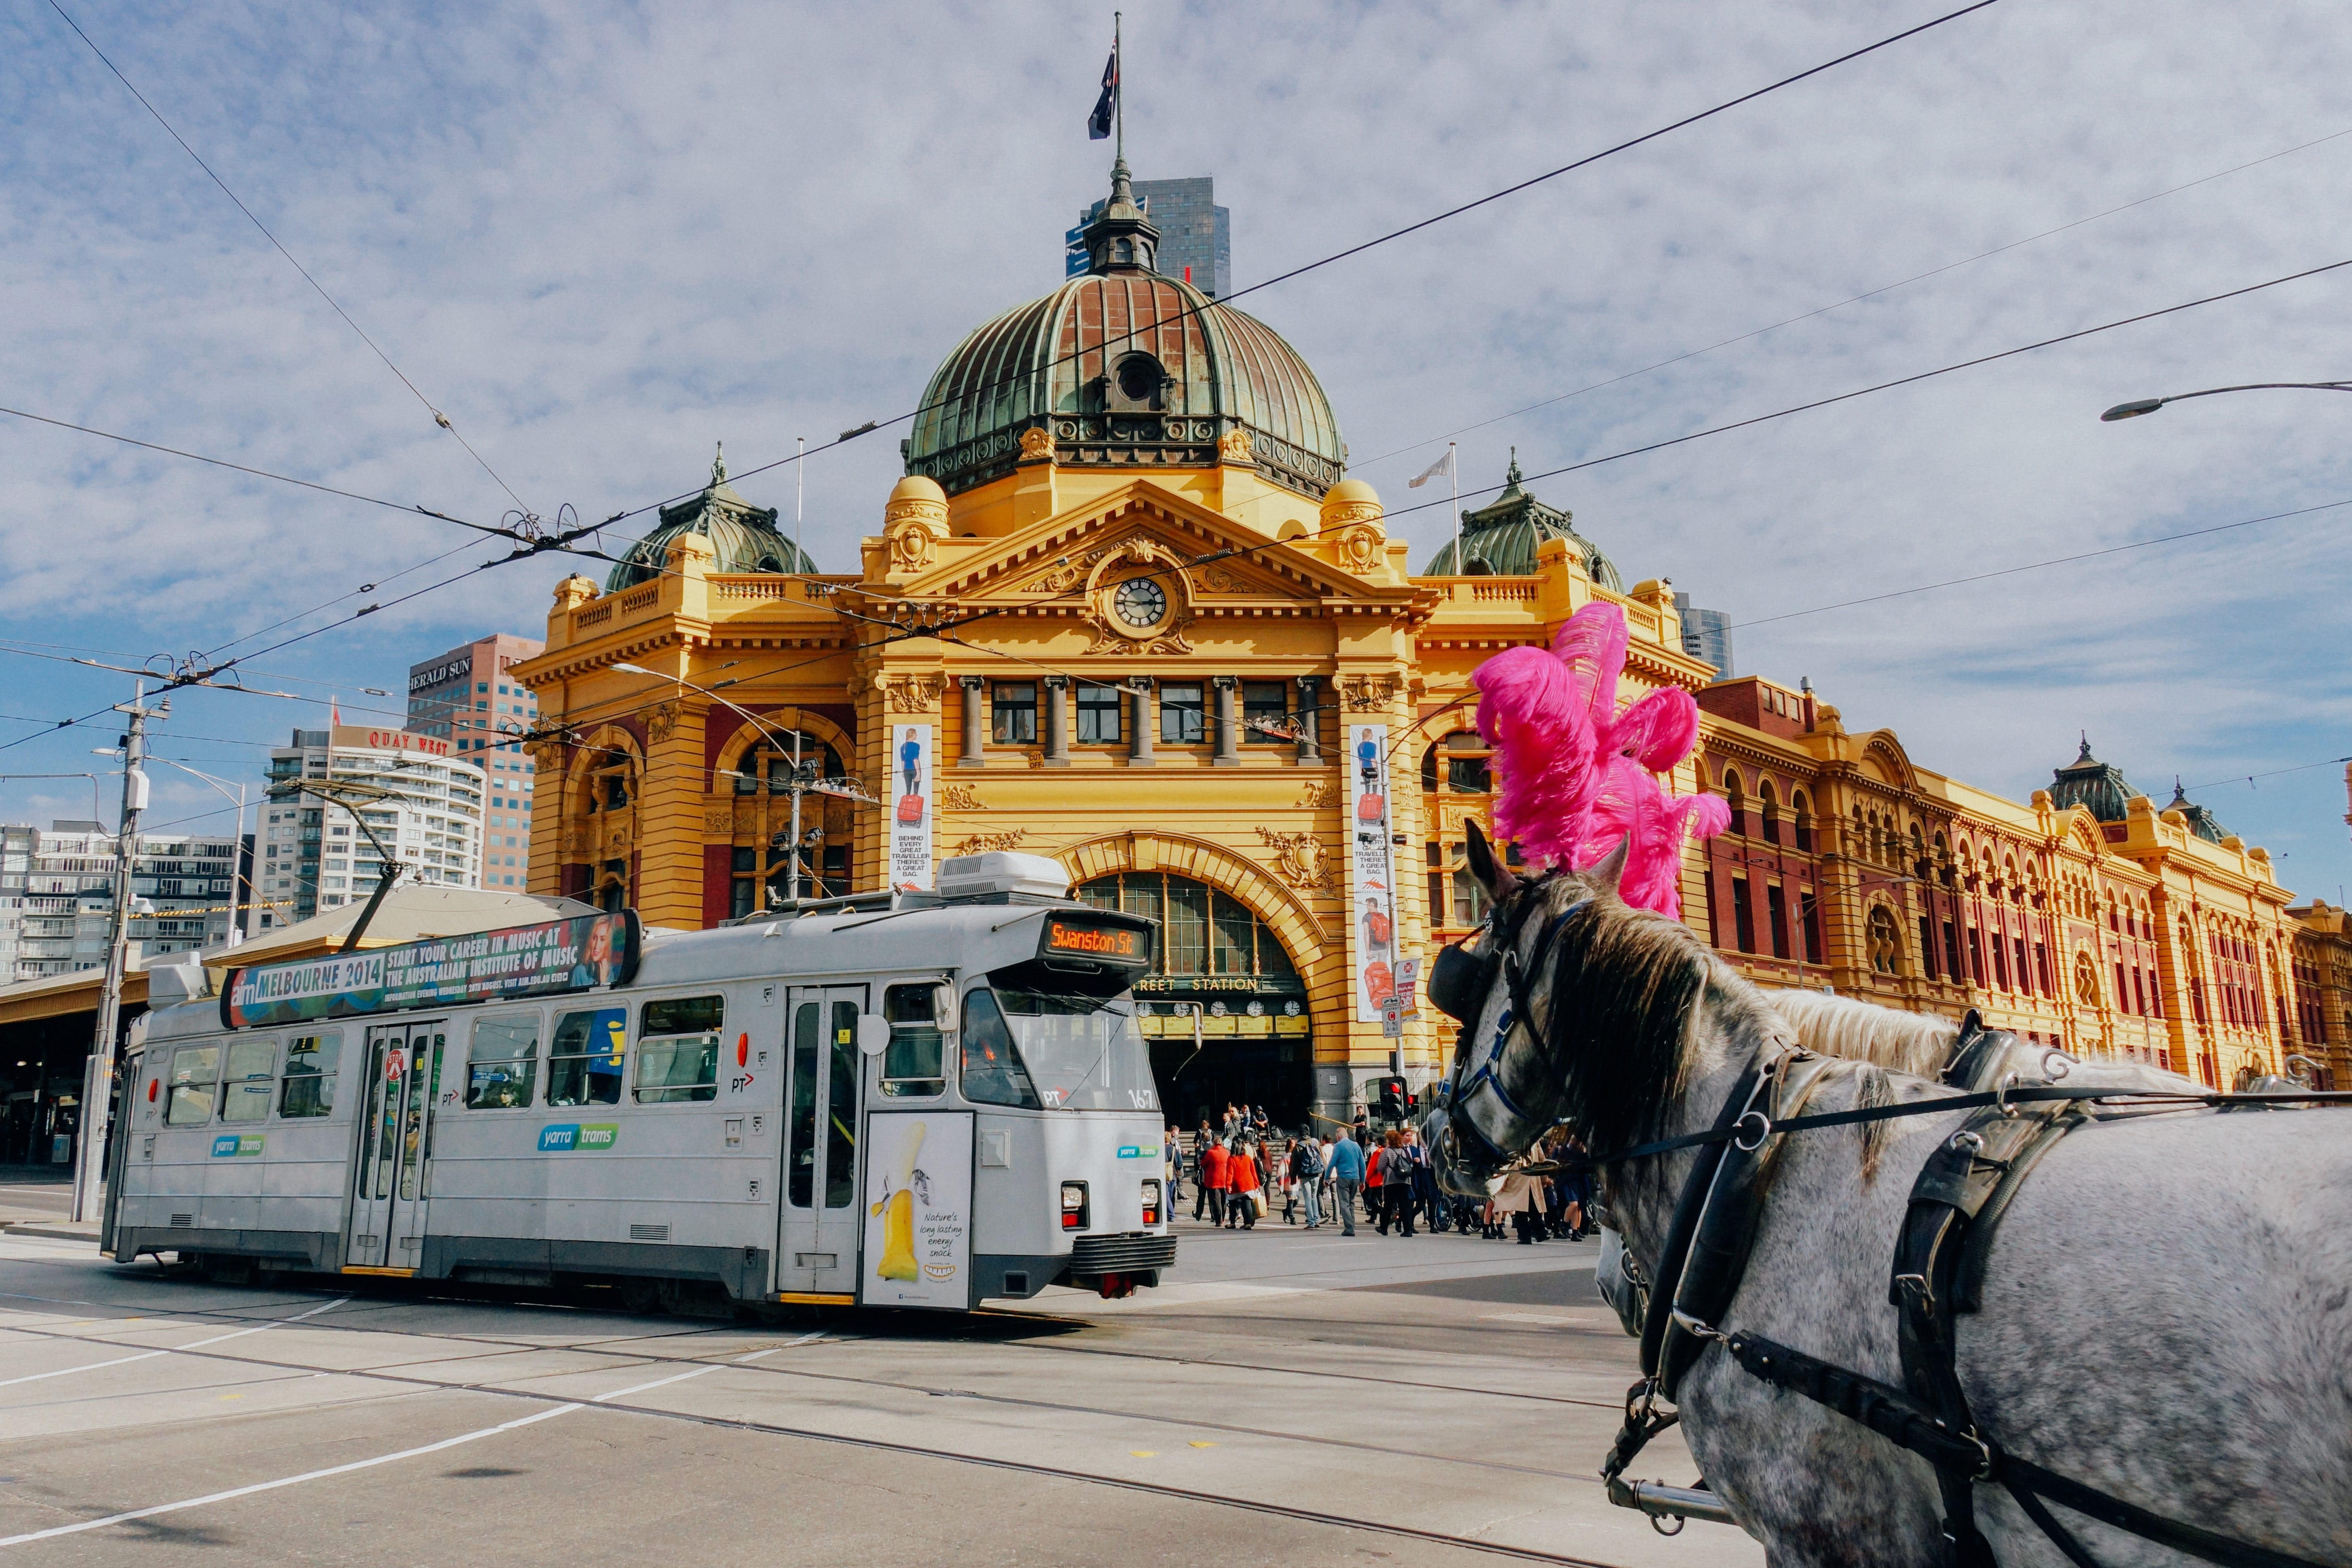 Descubre todo sobre Melbourne, Australia